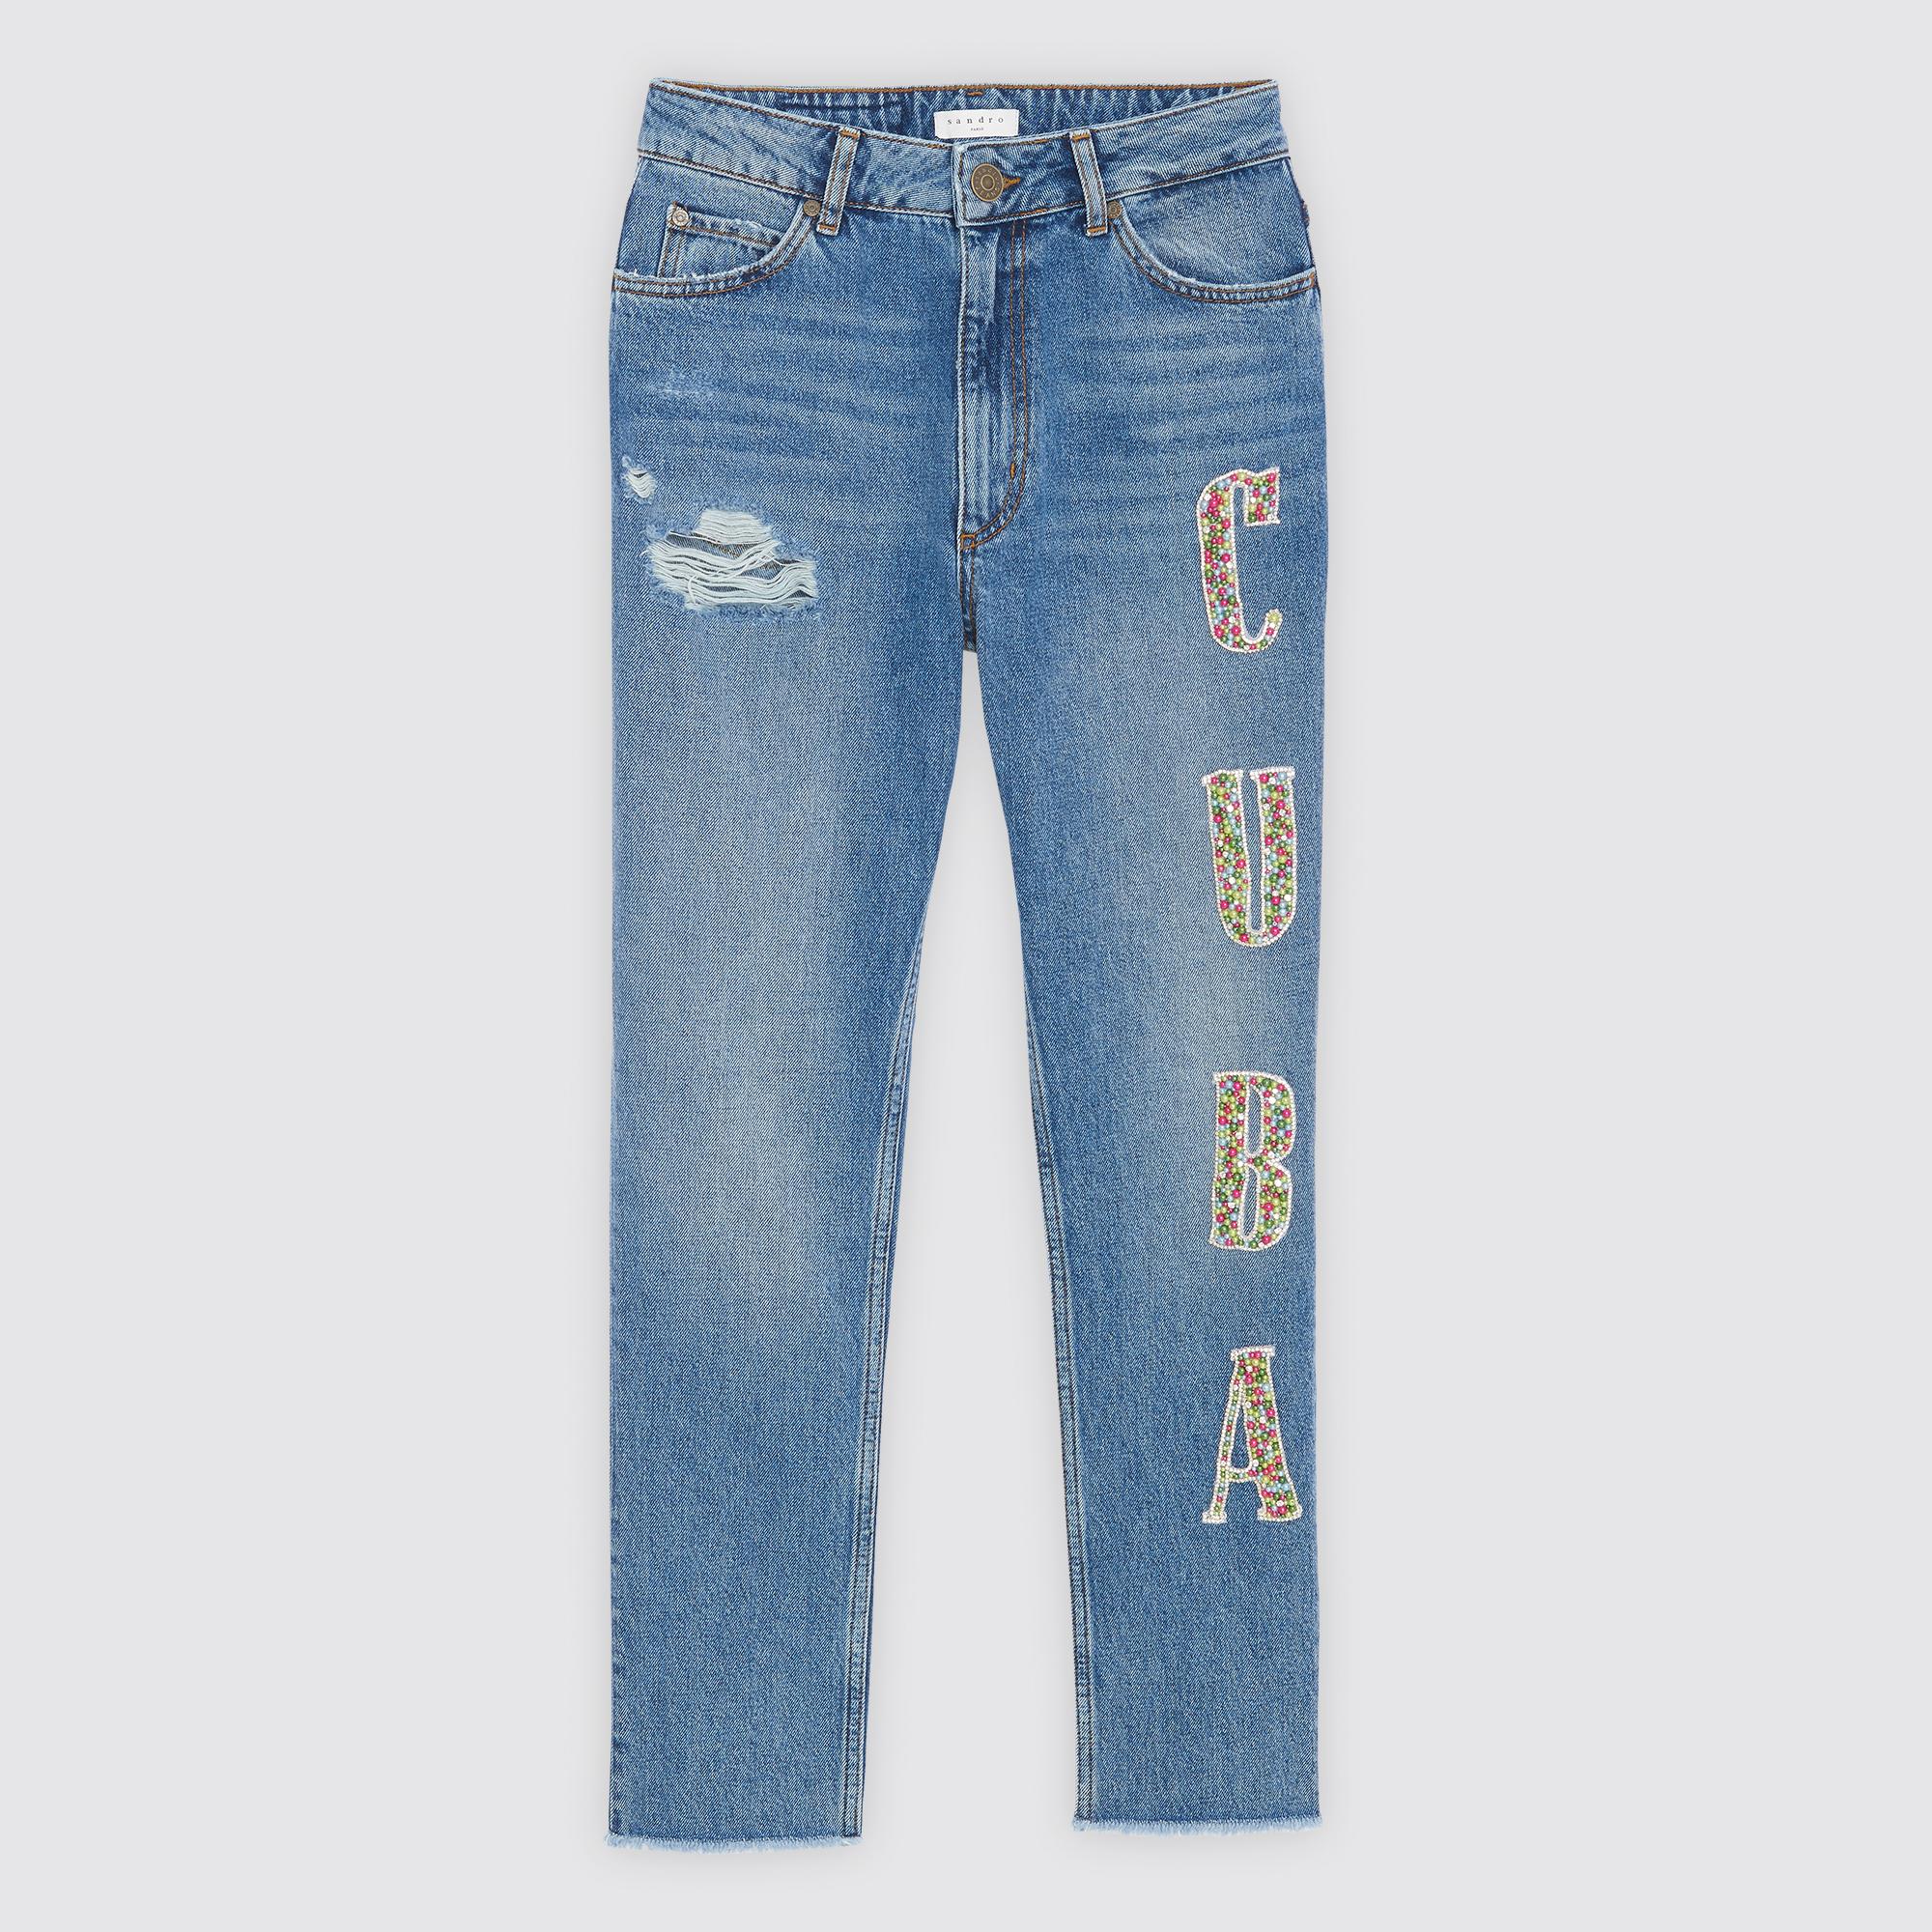 Jeans a vita alta Cuba : Jeans colore Blue Vintage - Denim